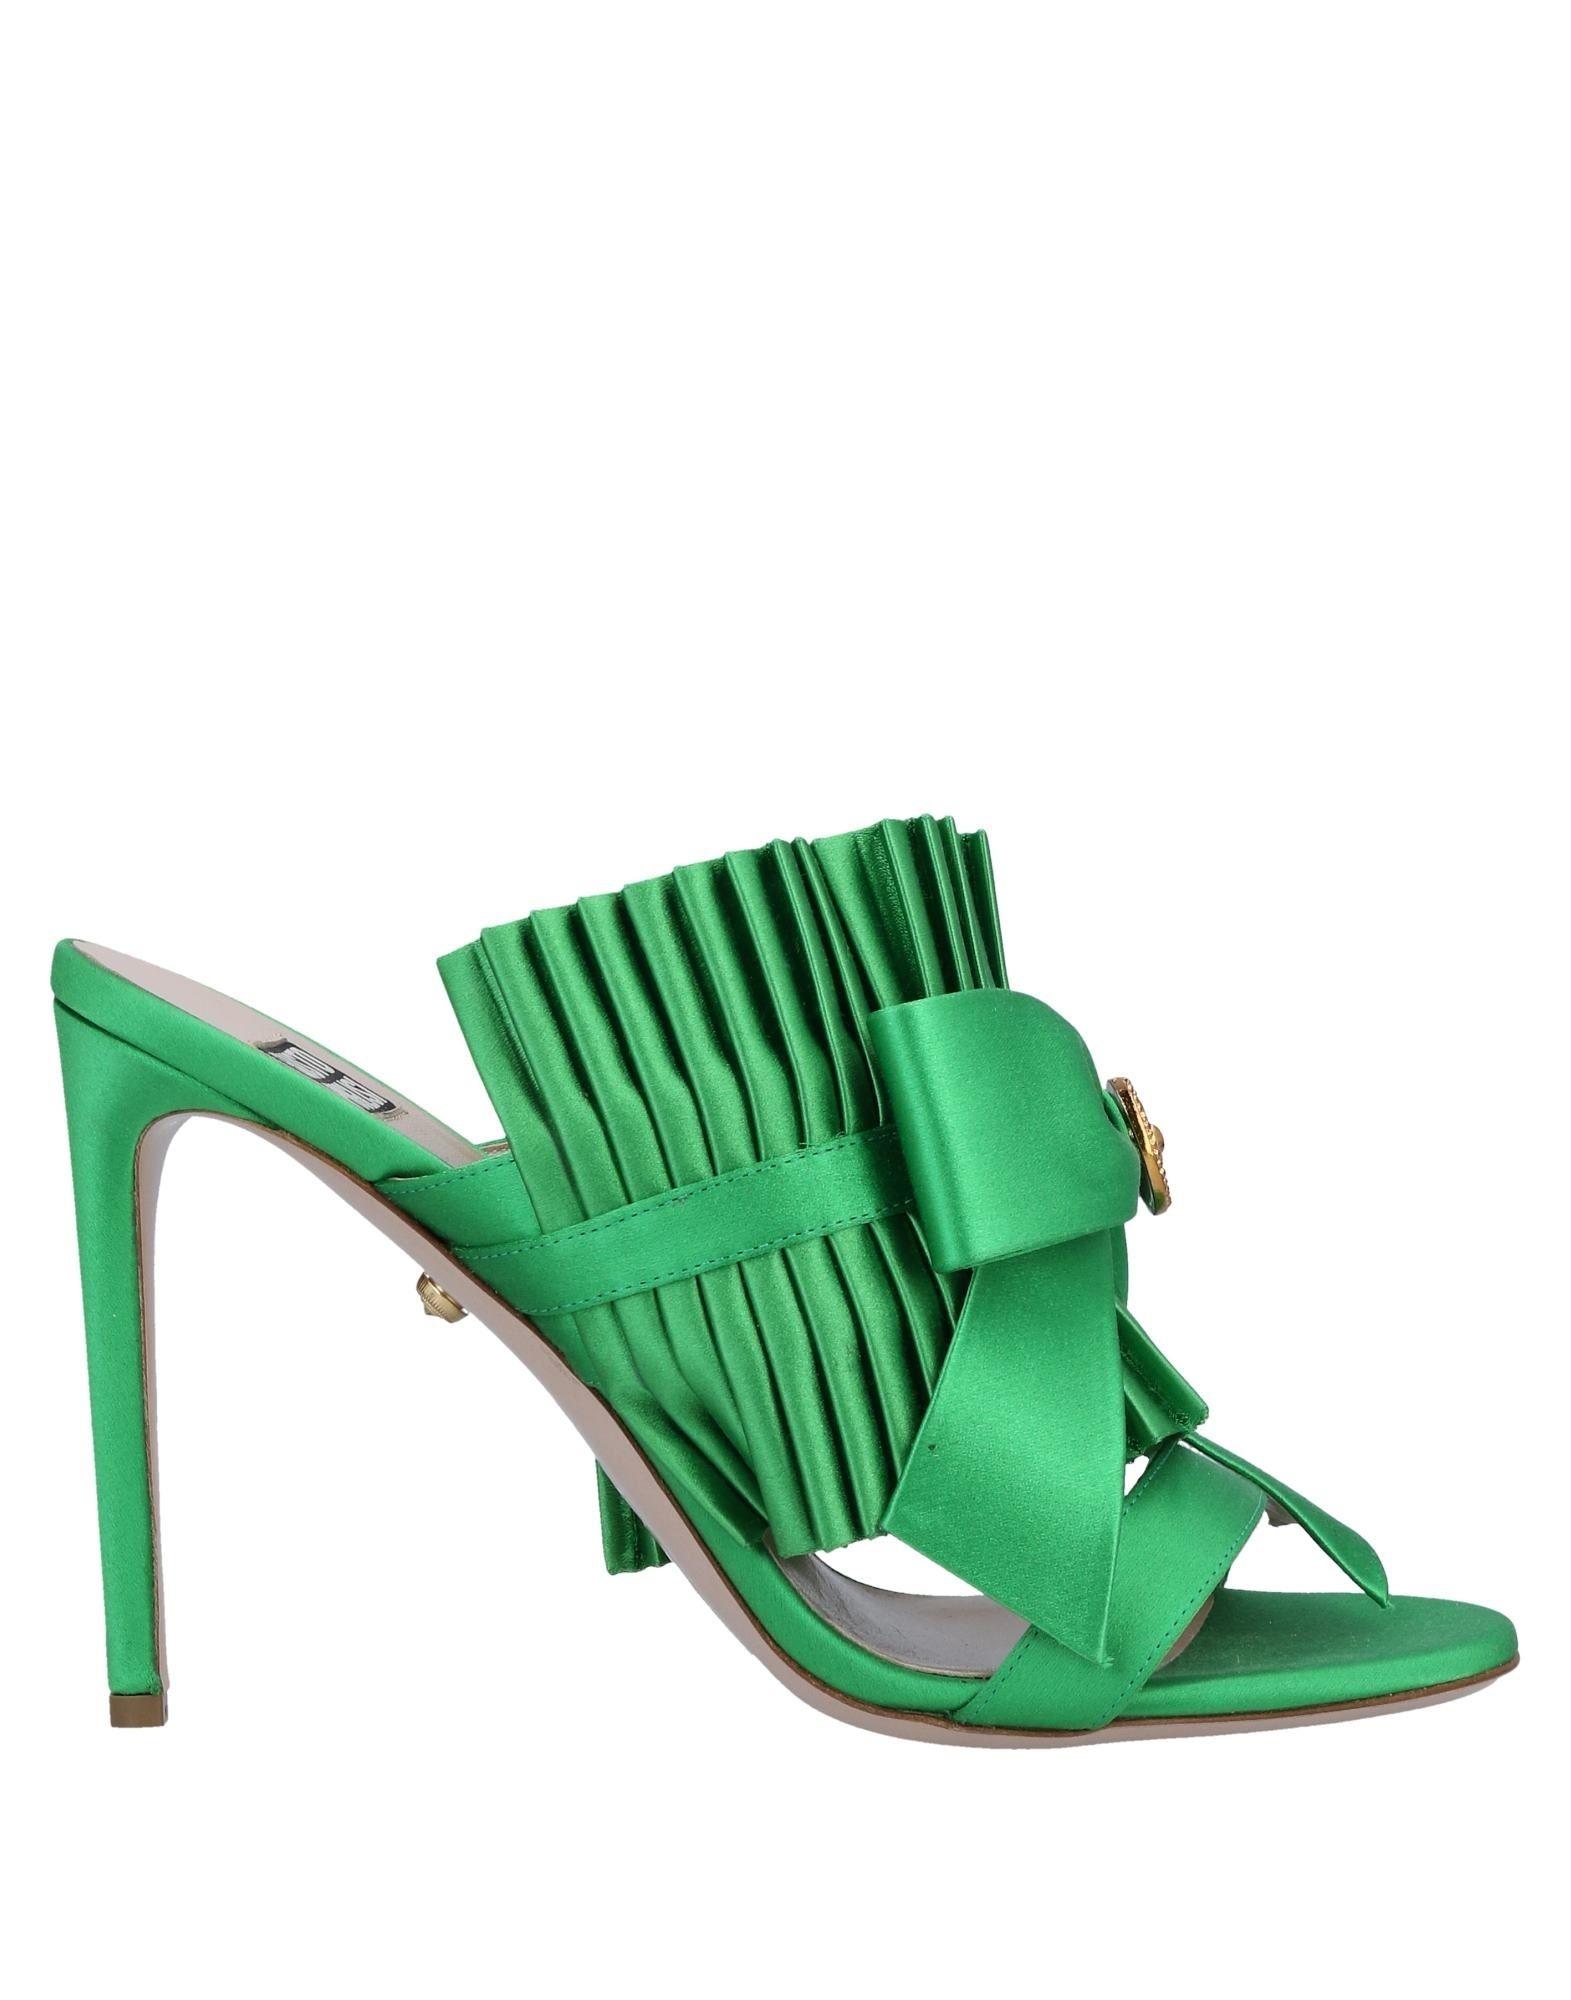 Фото - FAUSTO PUGLISI Сандалии fausto puglisi сандалии